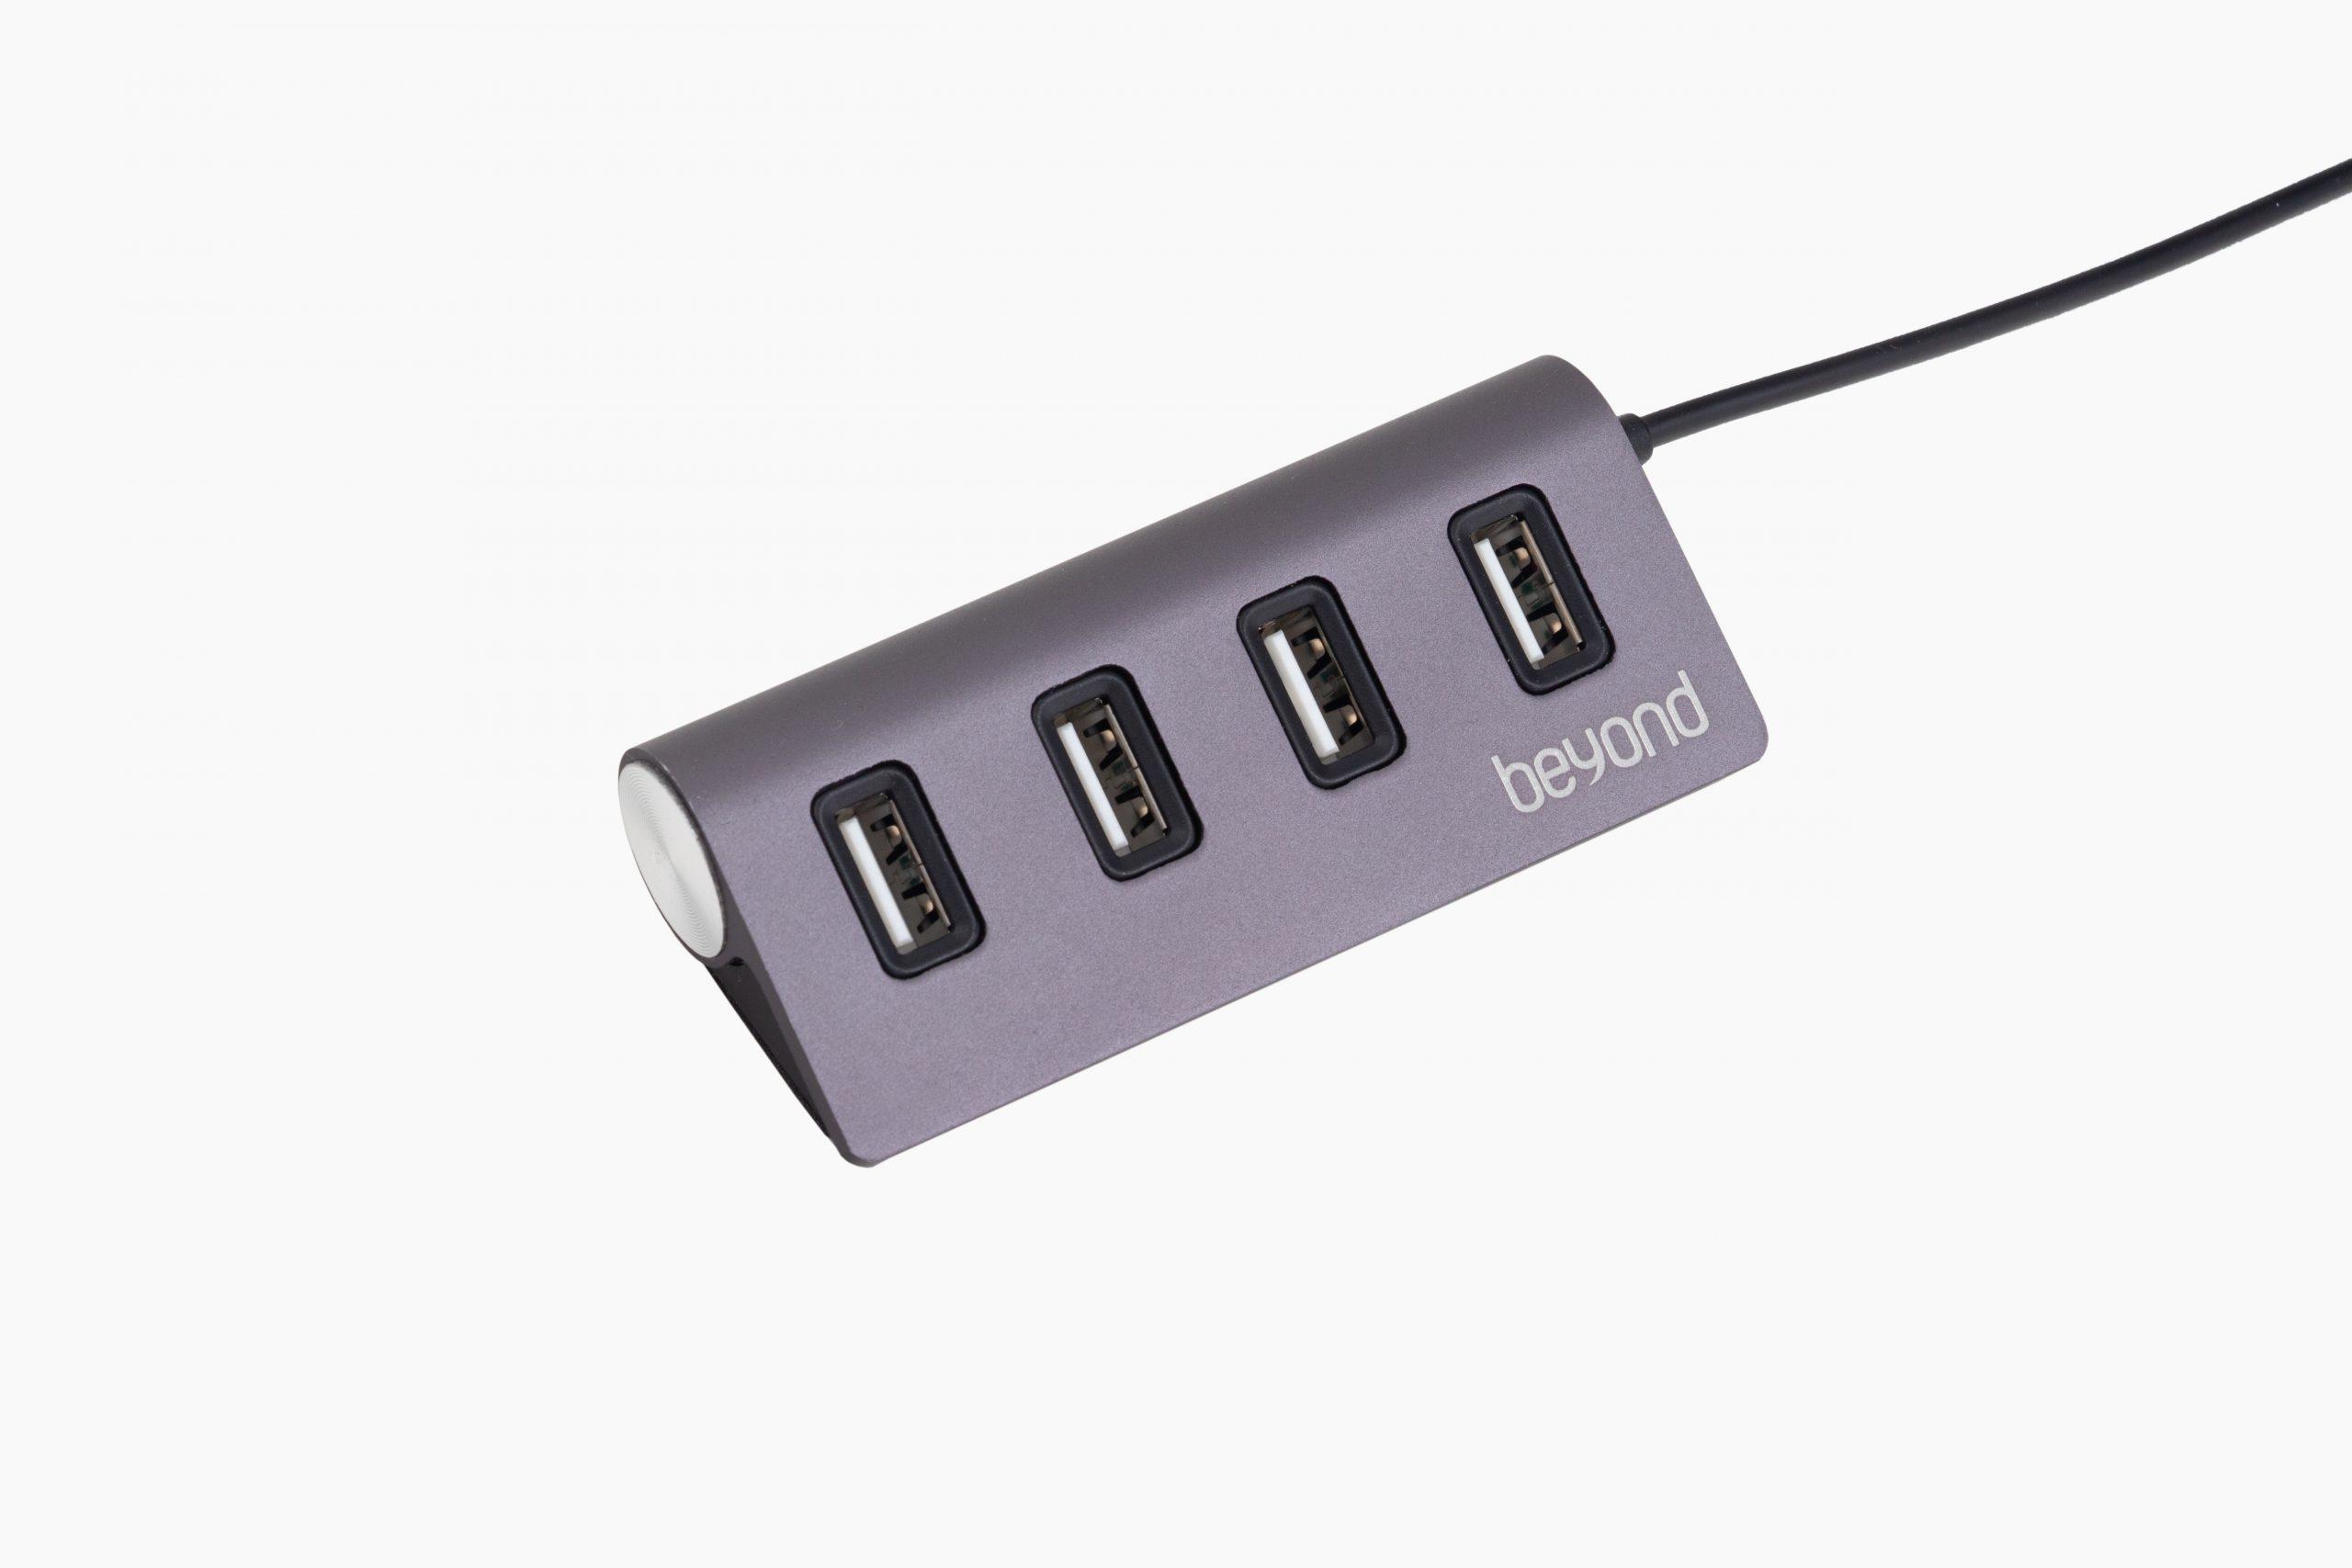 هاب بیاند BA-409 USB Hub